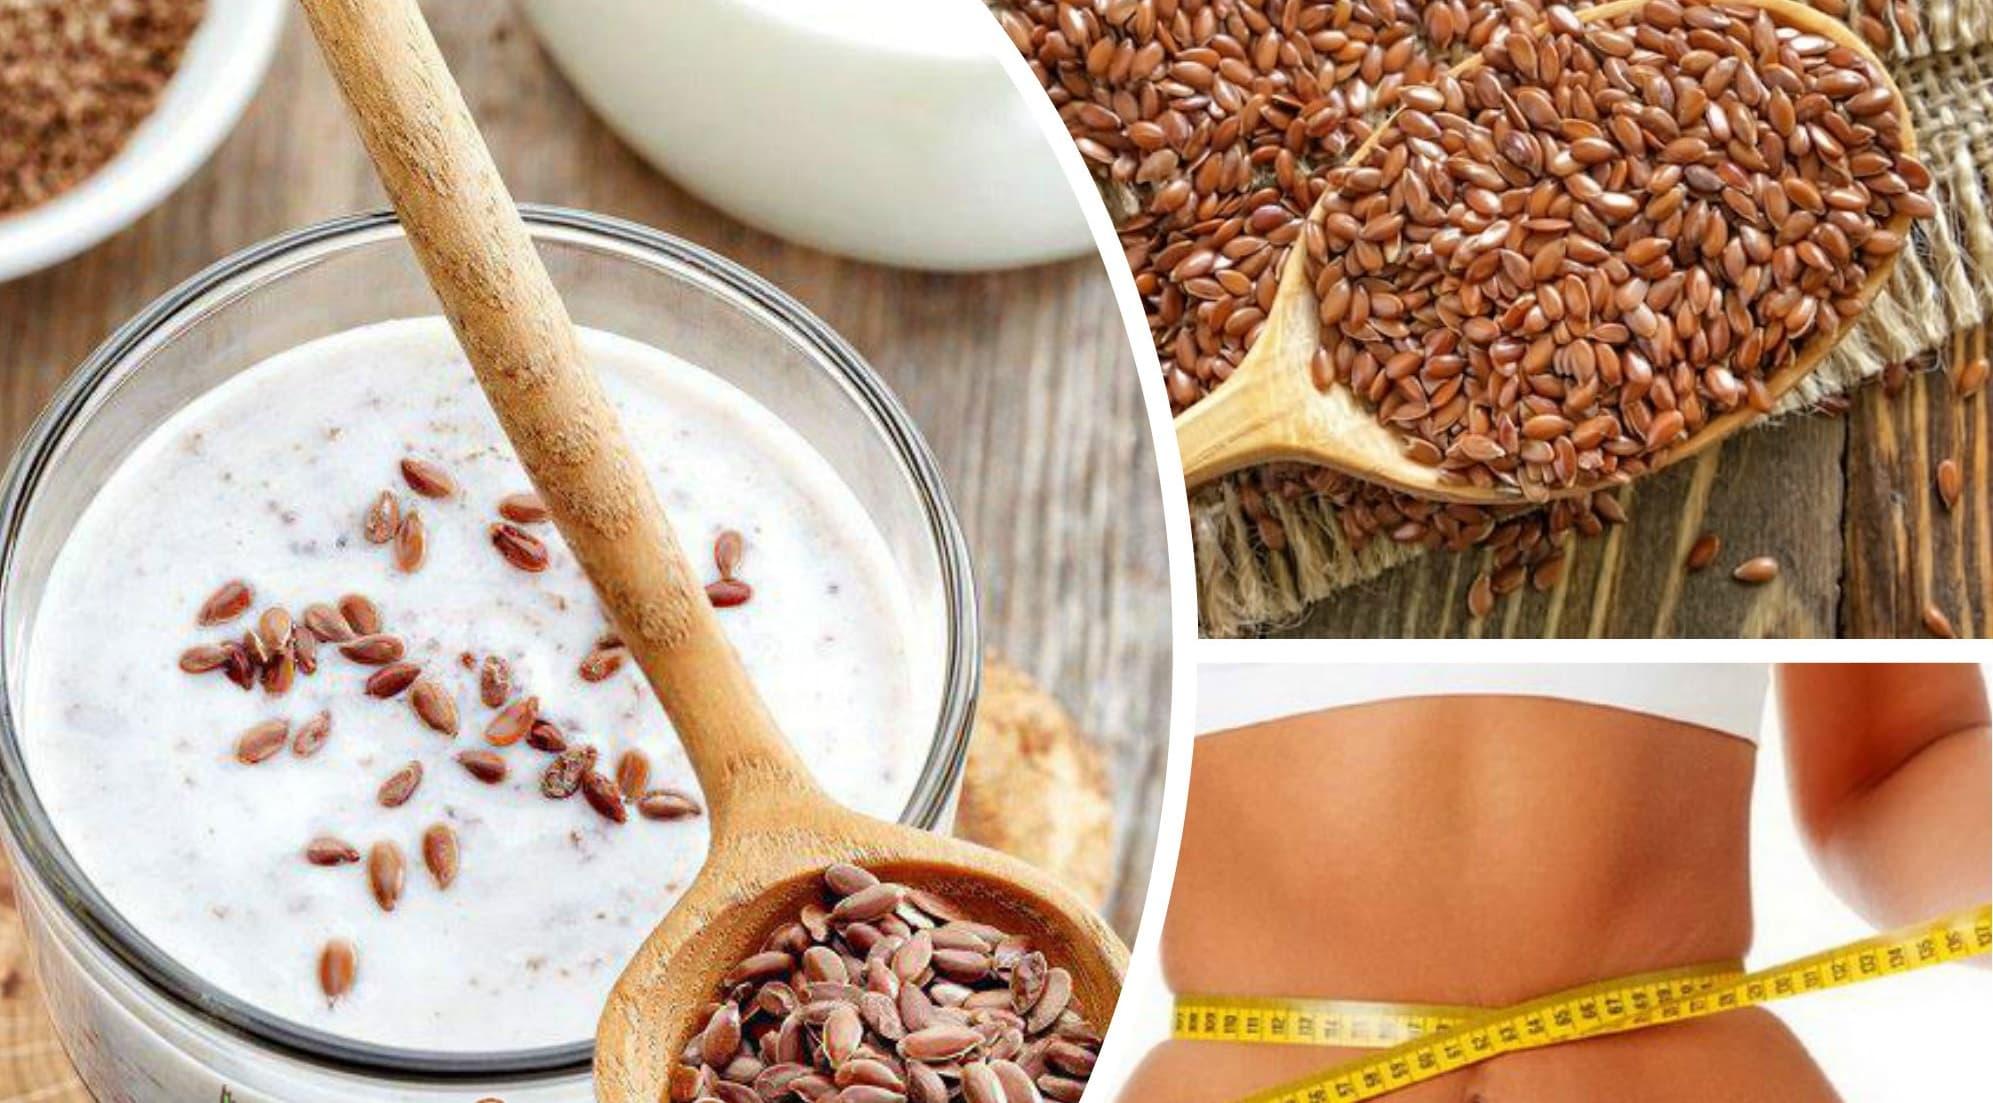 Как Похудеть С Семена Льна. Как принимать семена льна для похудения — отзывы и рецепты с фото